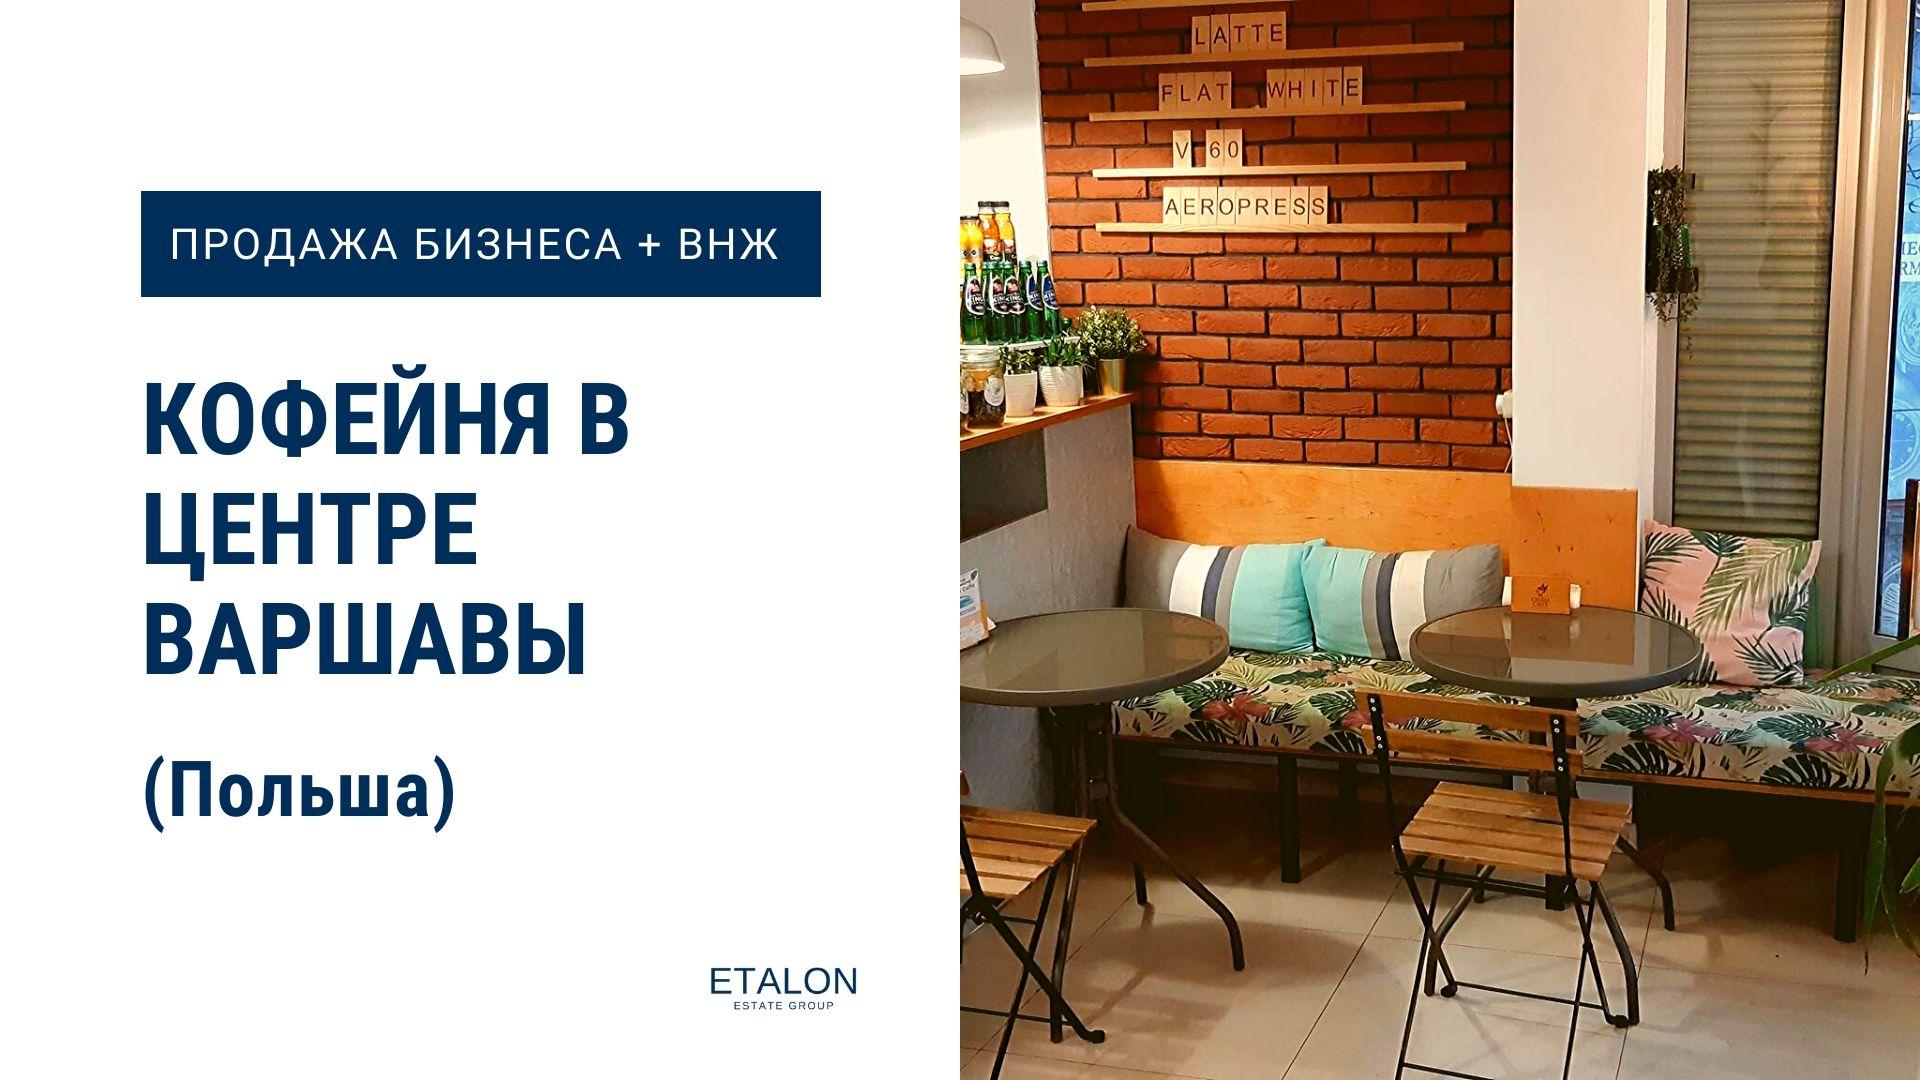 Кофейня Варшава на продажу